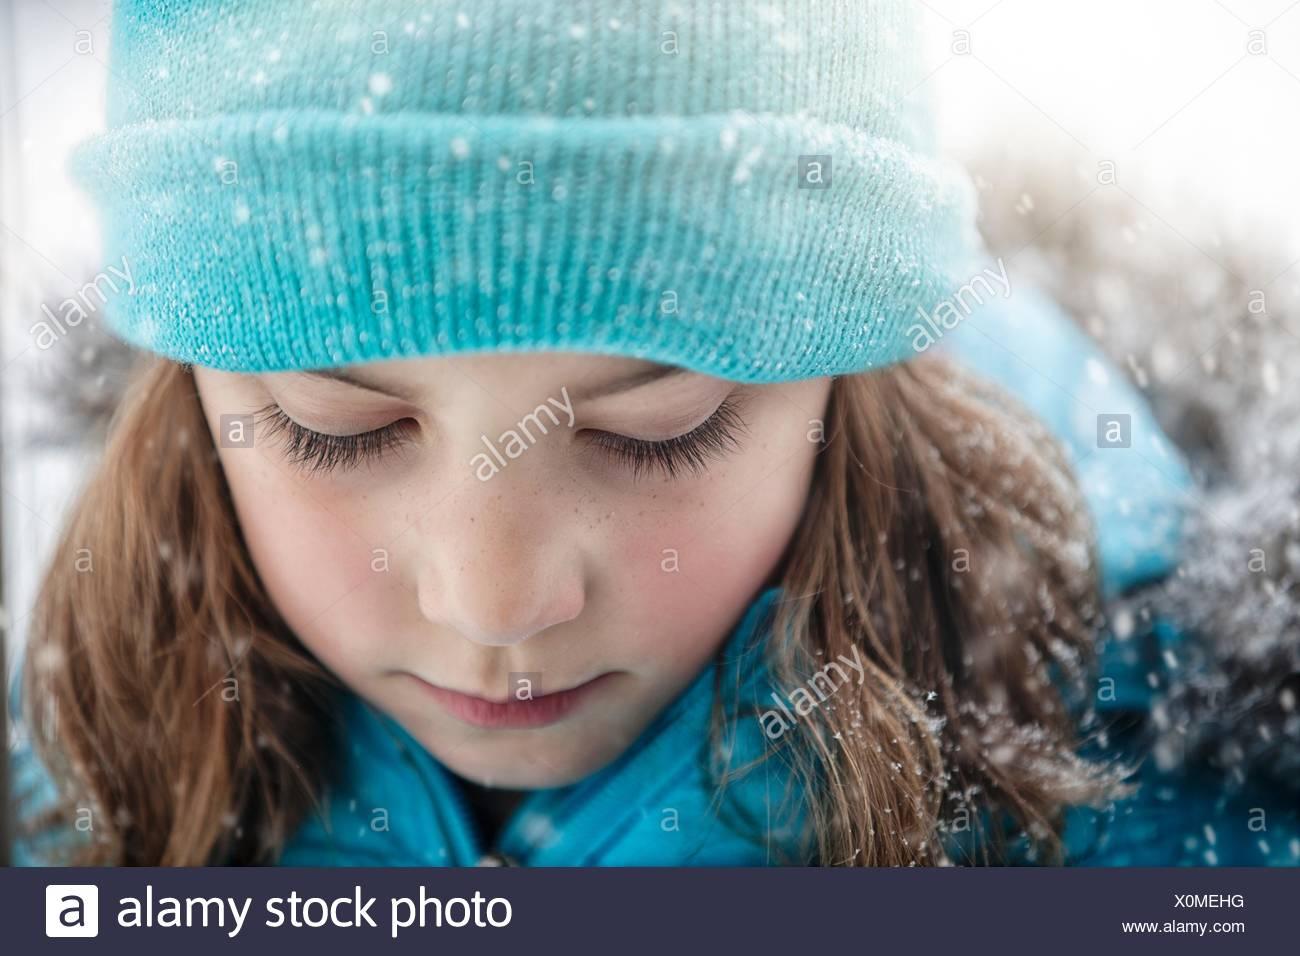 Close Up retrato de chica que llevaba knit hat mirando hacia abajo, nevando Foto de stock